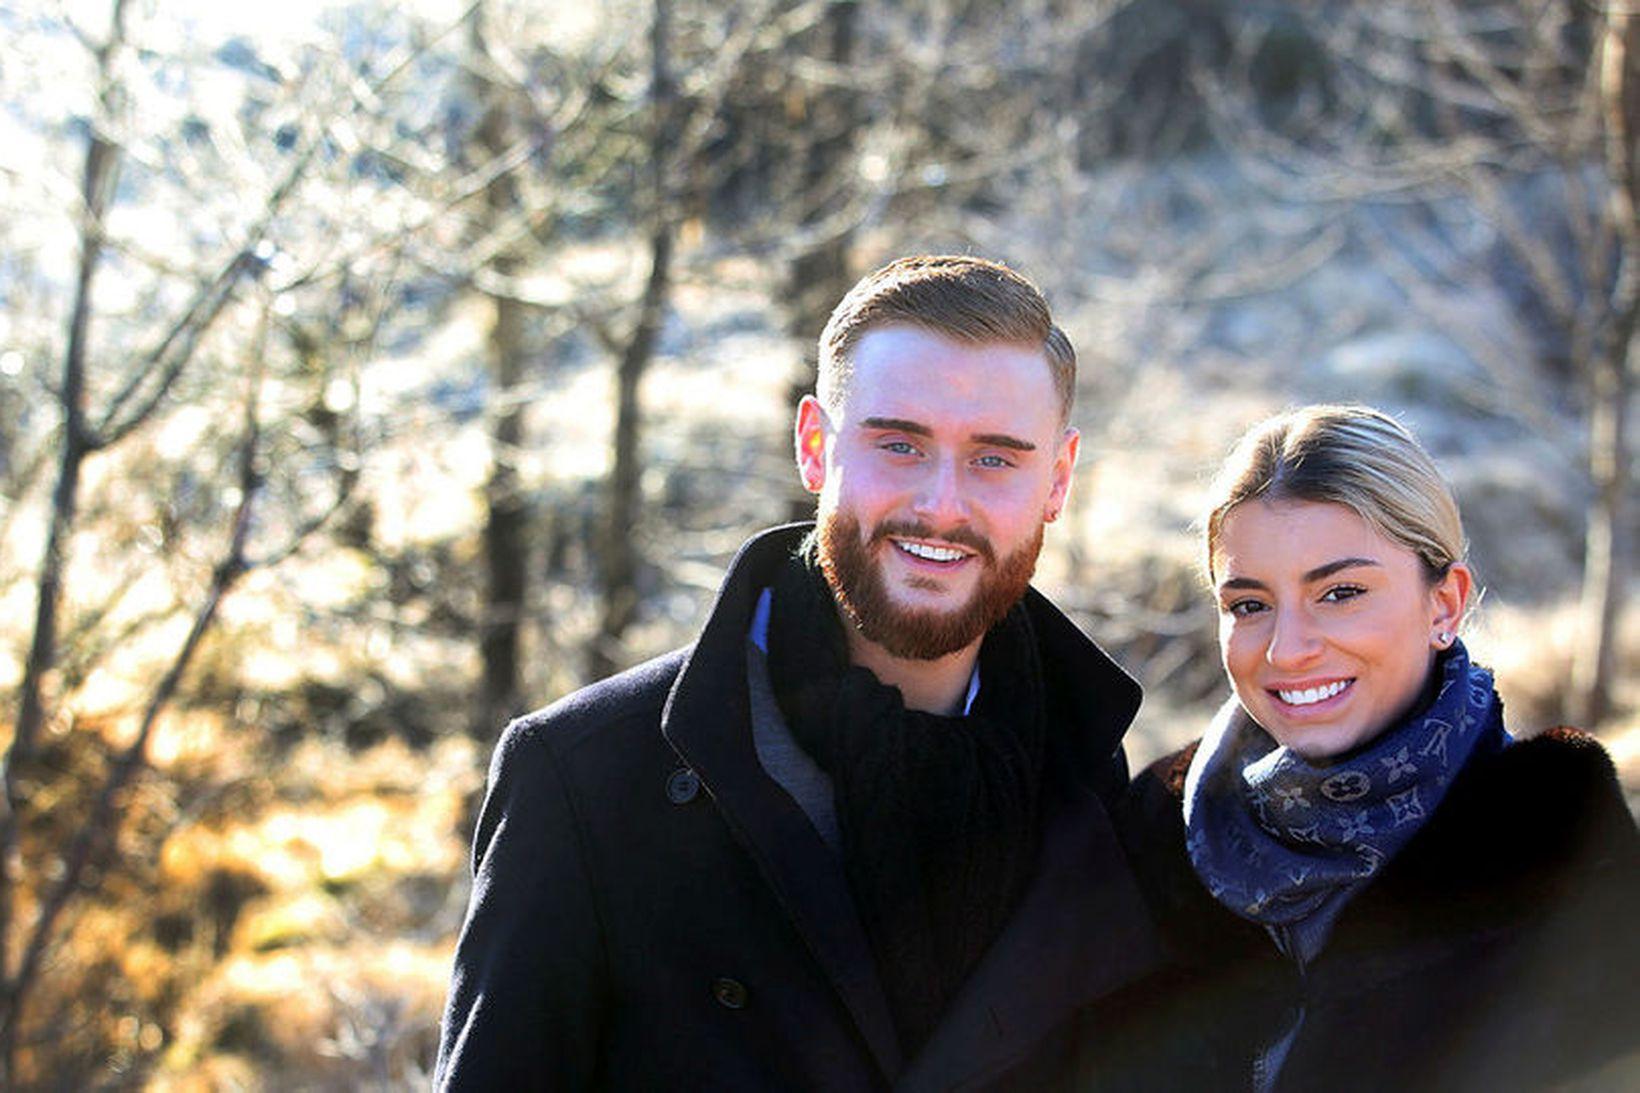 Pétur og Polina byrjuðu að dansa saman árið 2016. Þau …